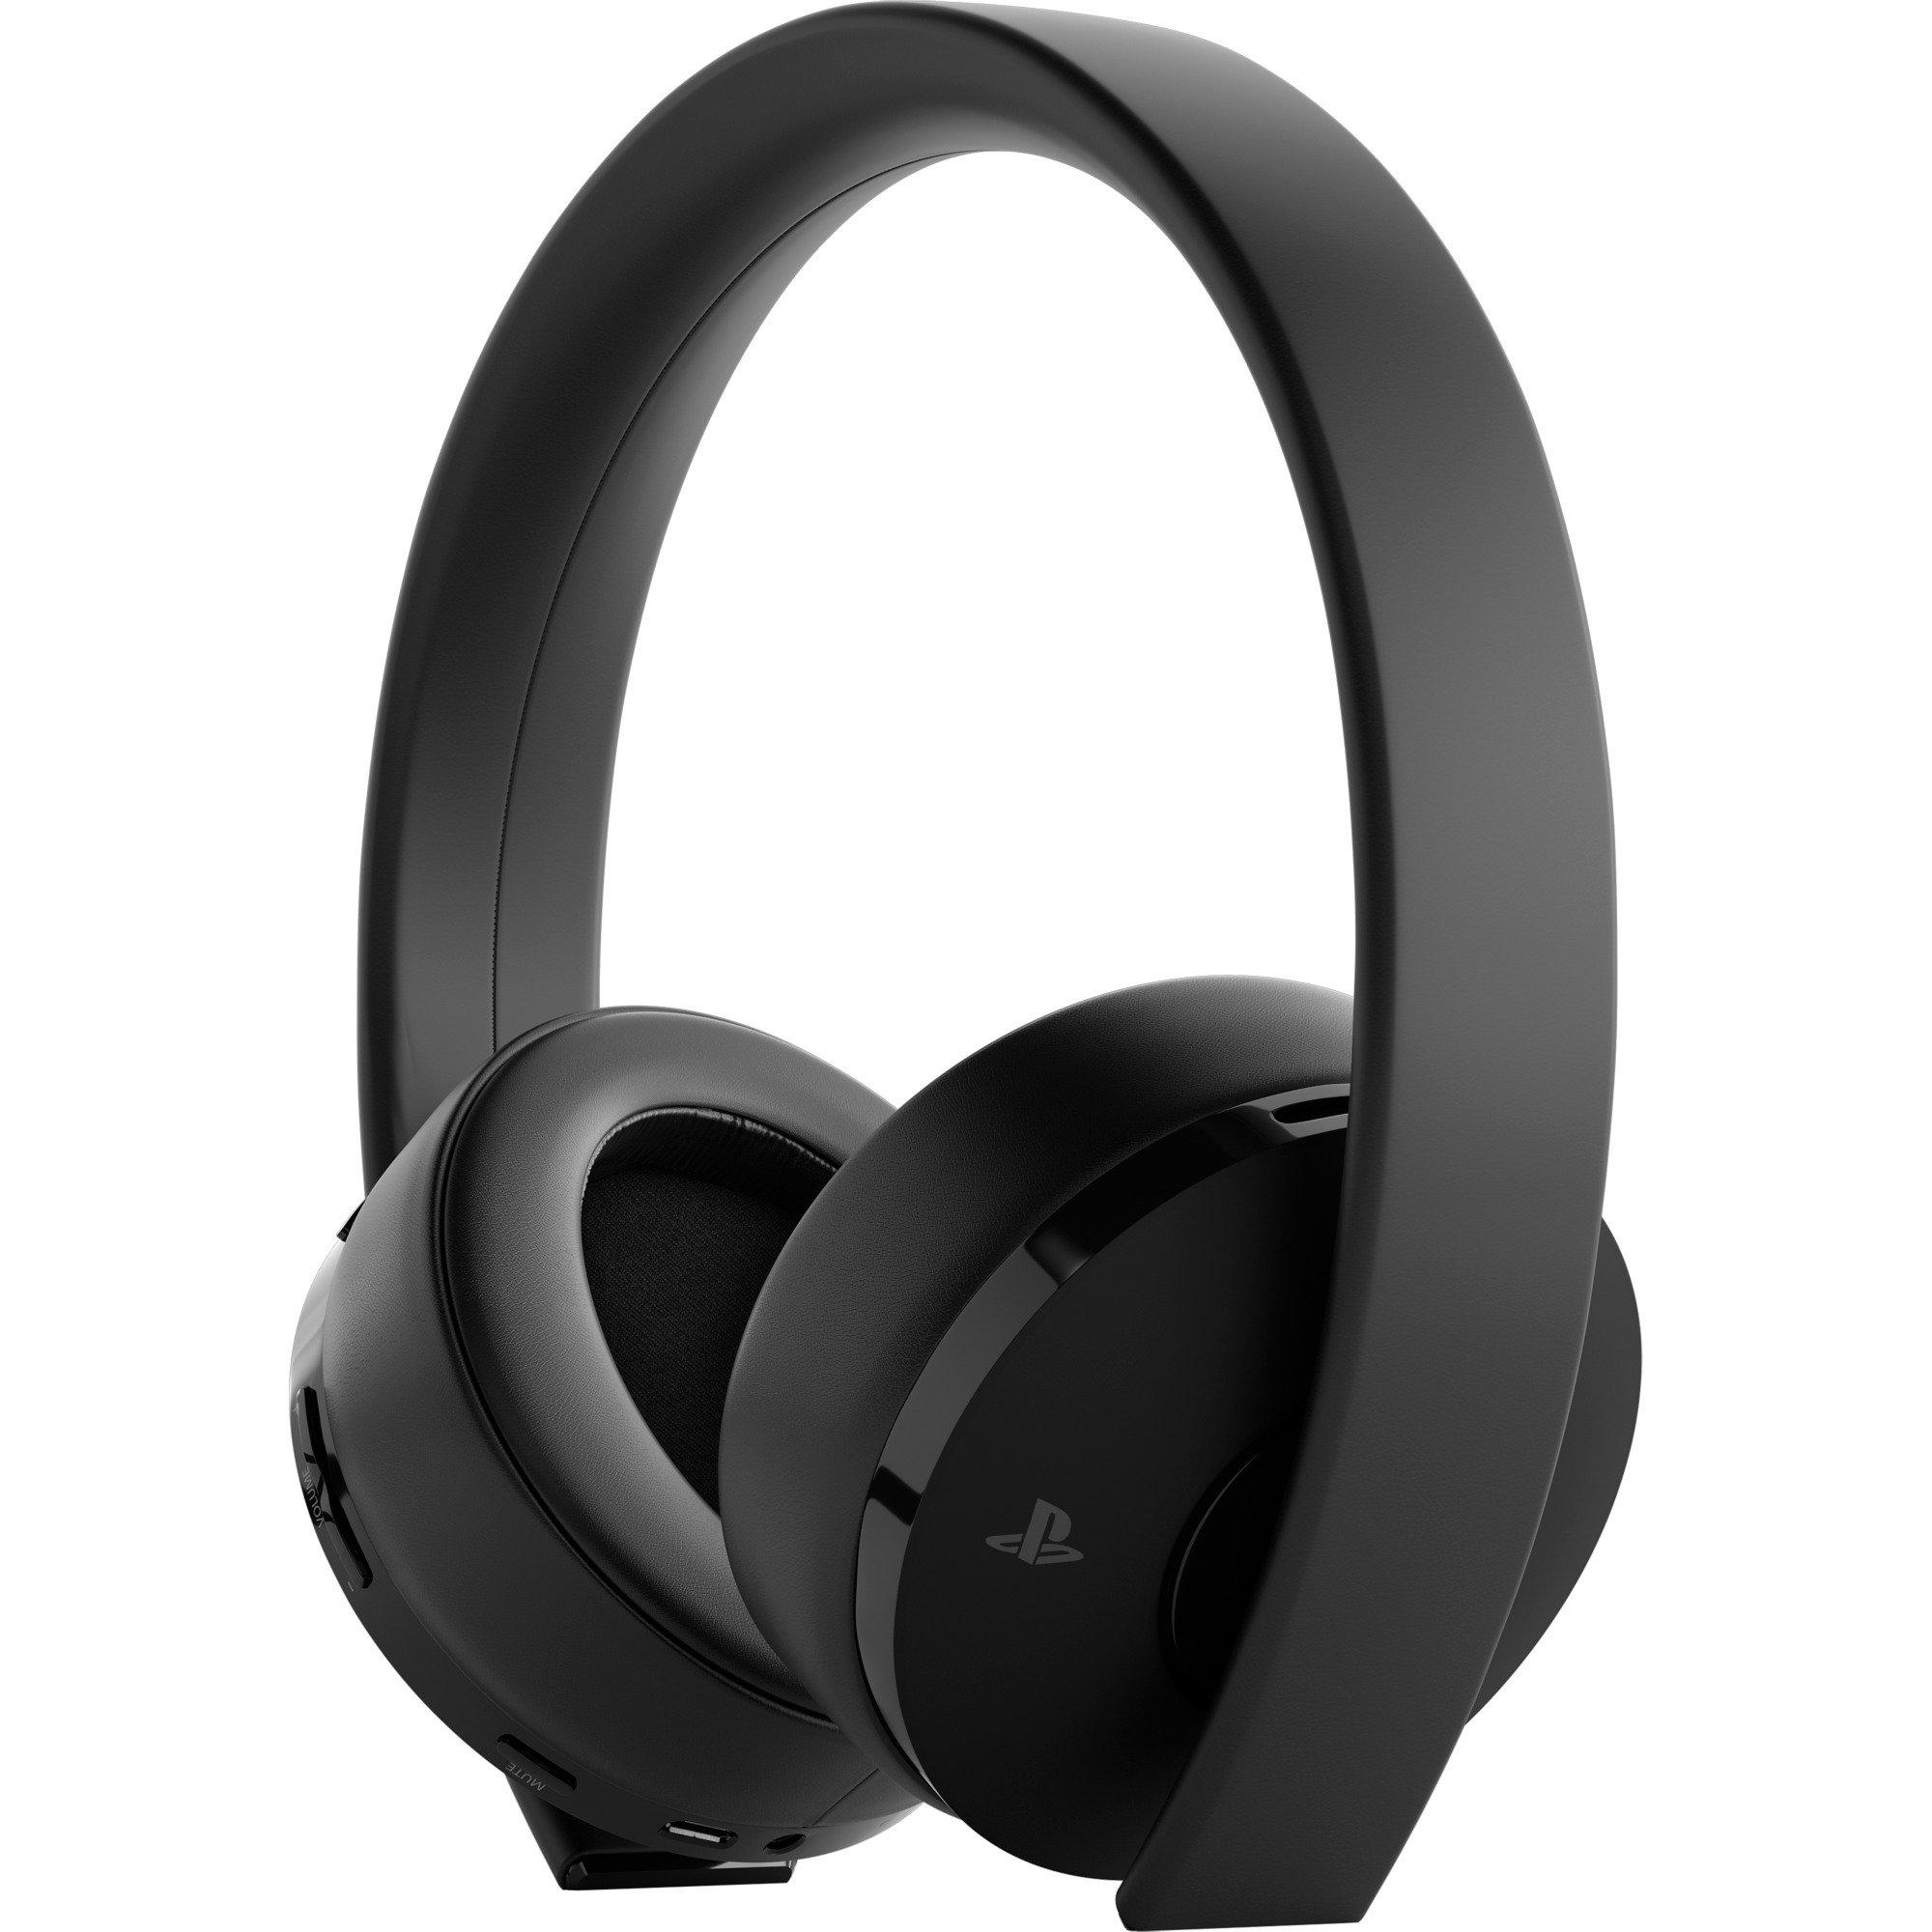 9455165 auricular con micrófono Binaural Diadema Negro, Auriculares con micrófono